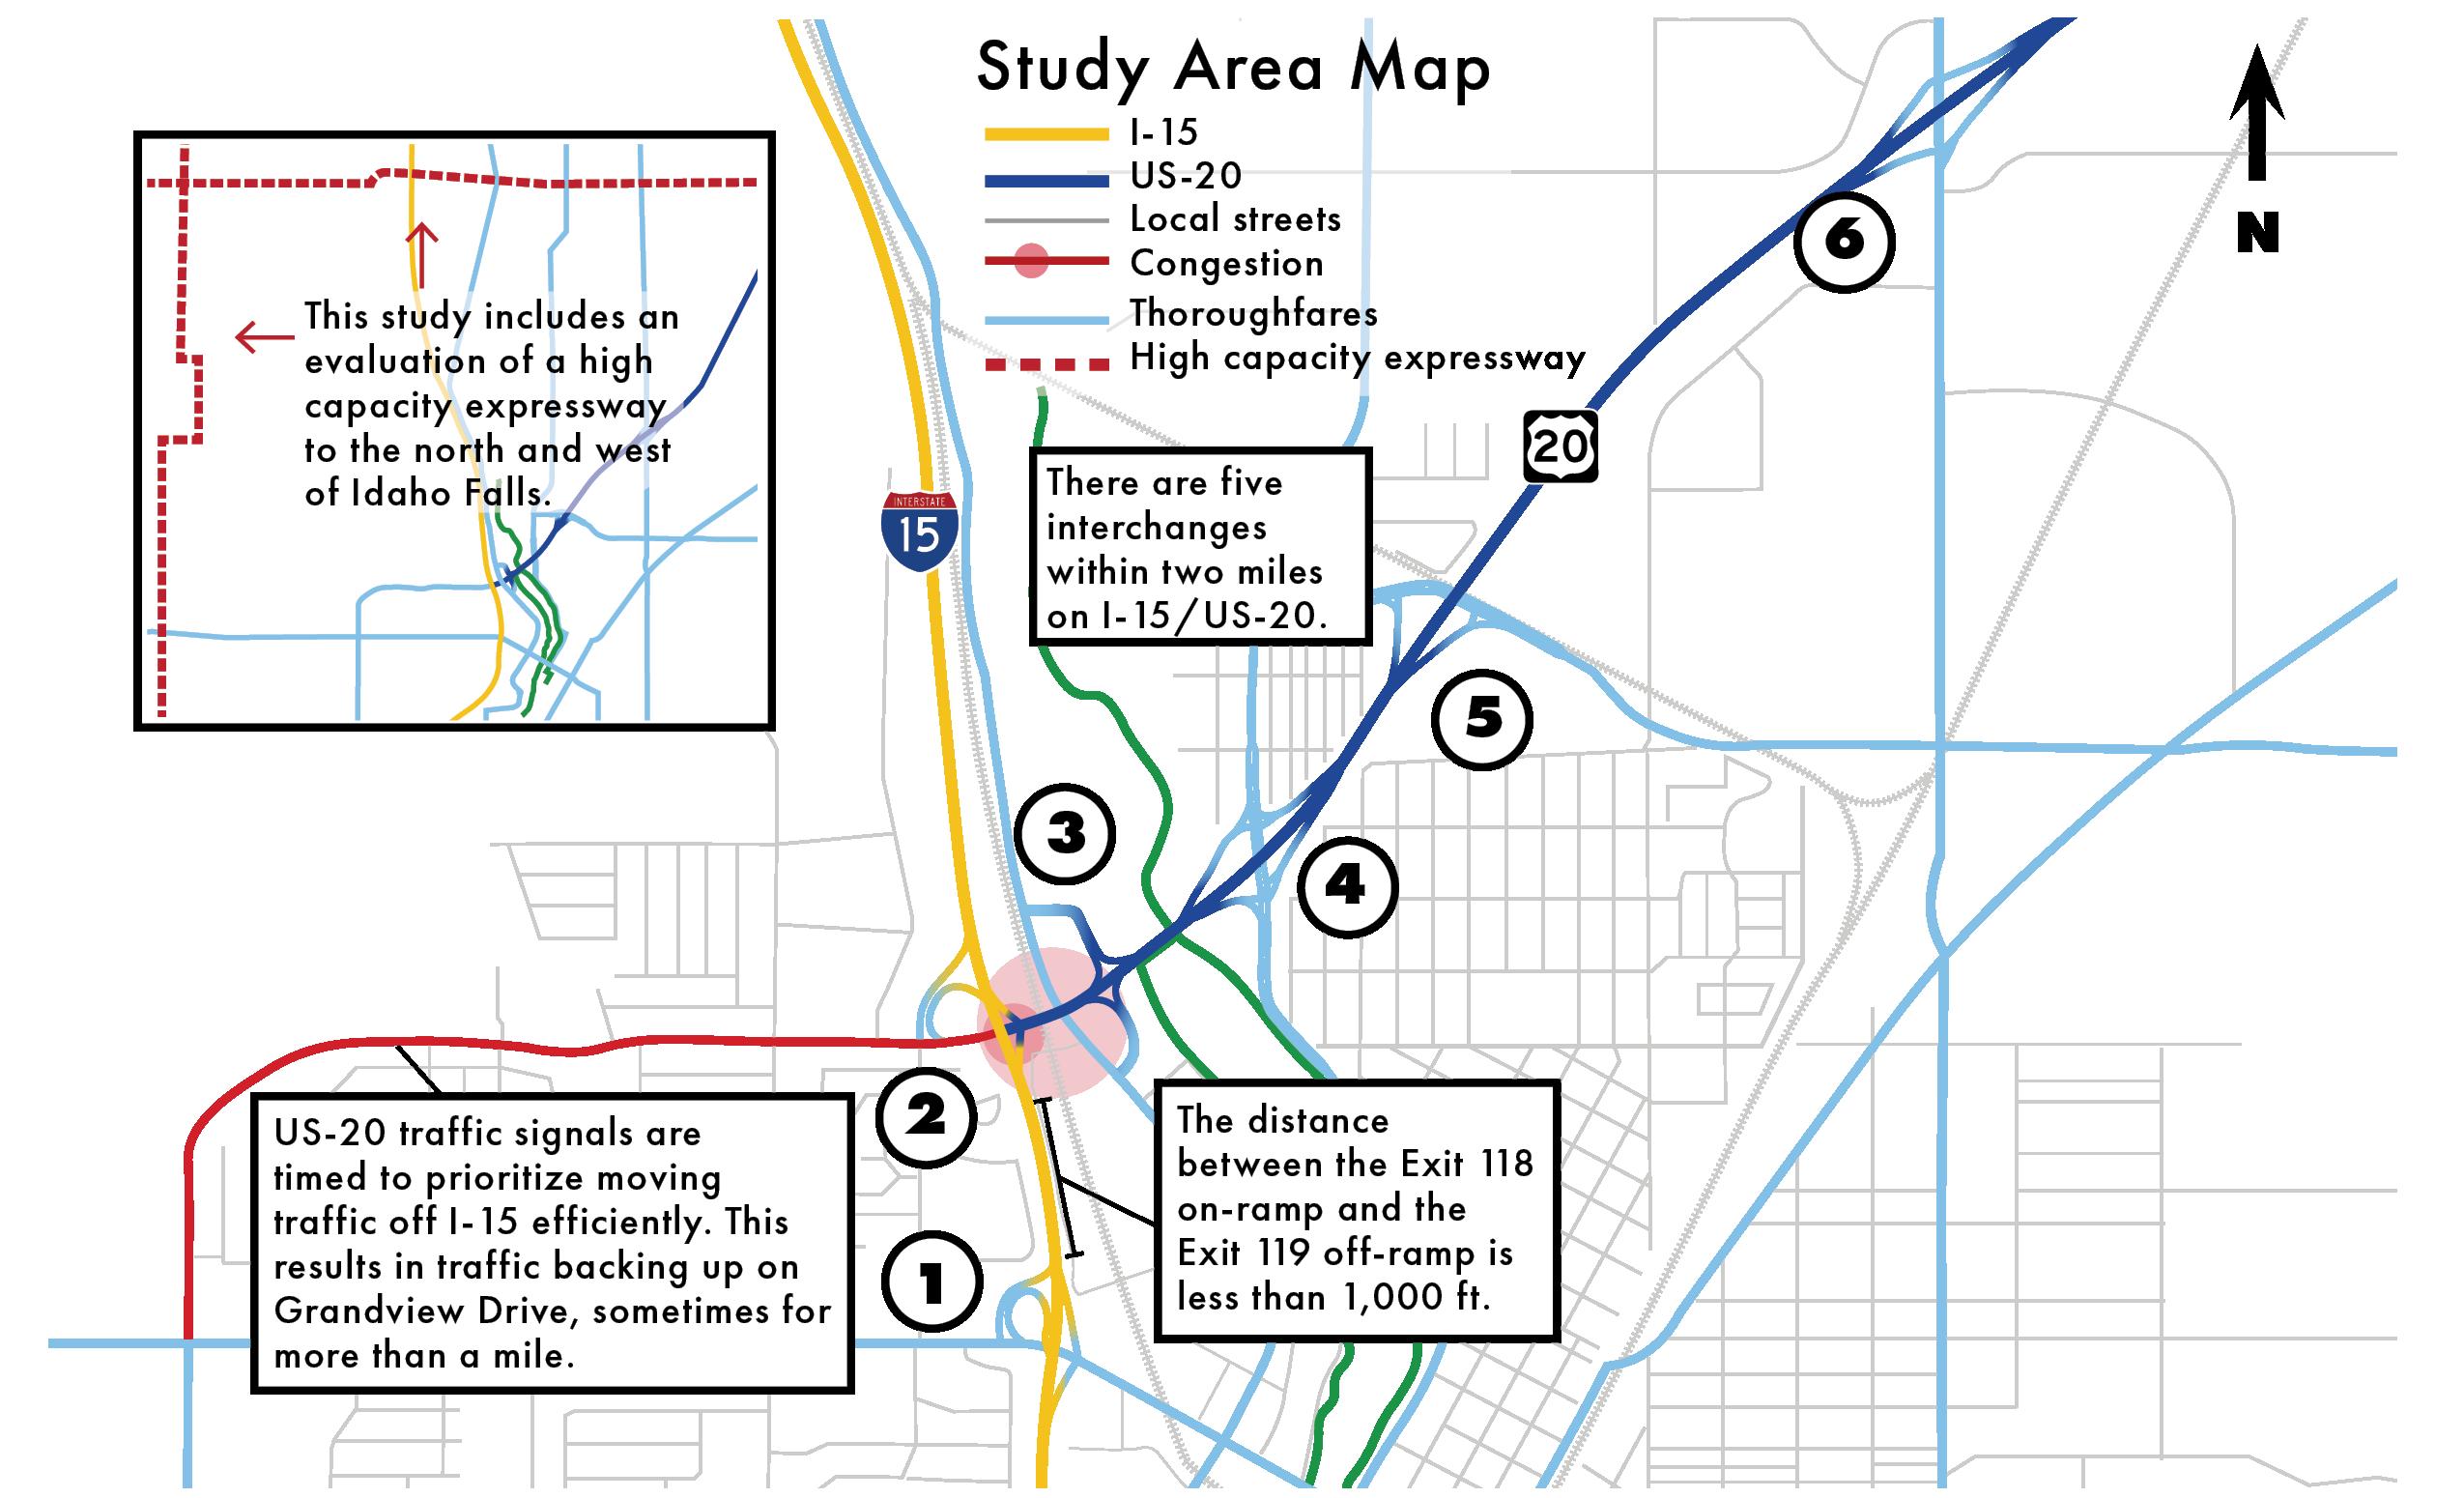 Idaho Falls Study Area Map